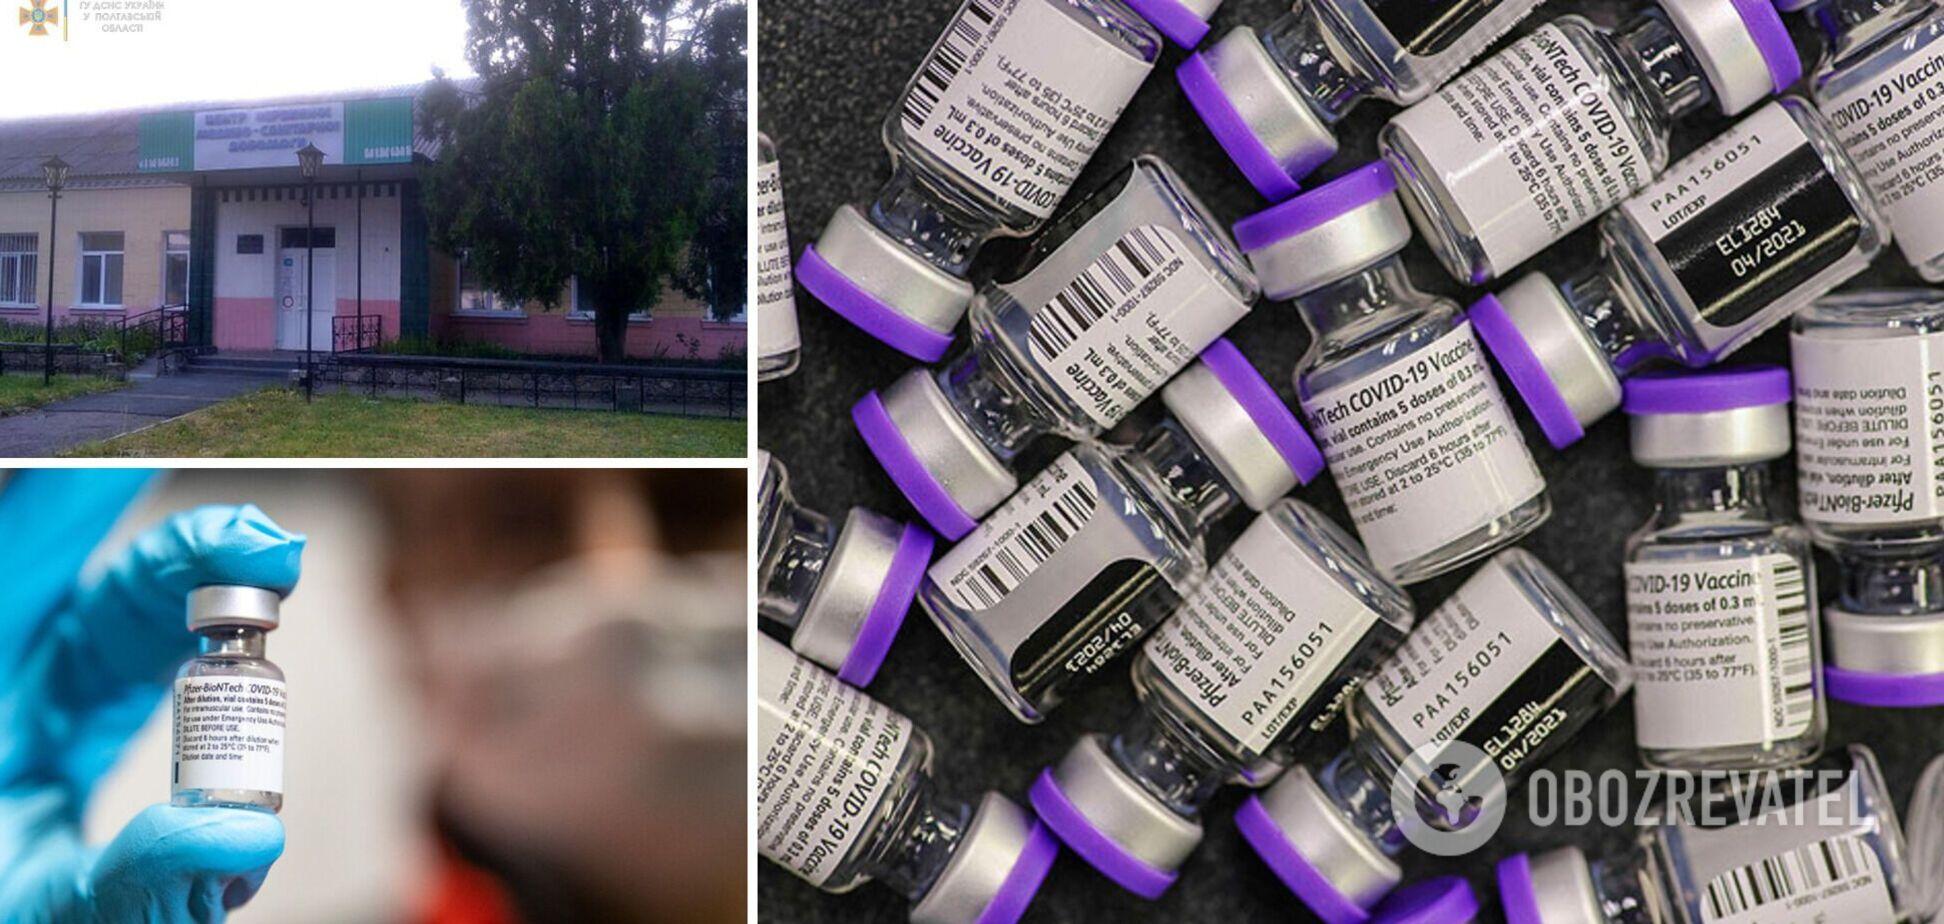 На Полтавщине произошло ЧП в медучреждении, где хранят Pfizer: что с препаратом